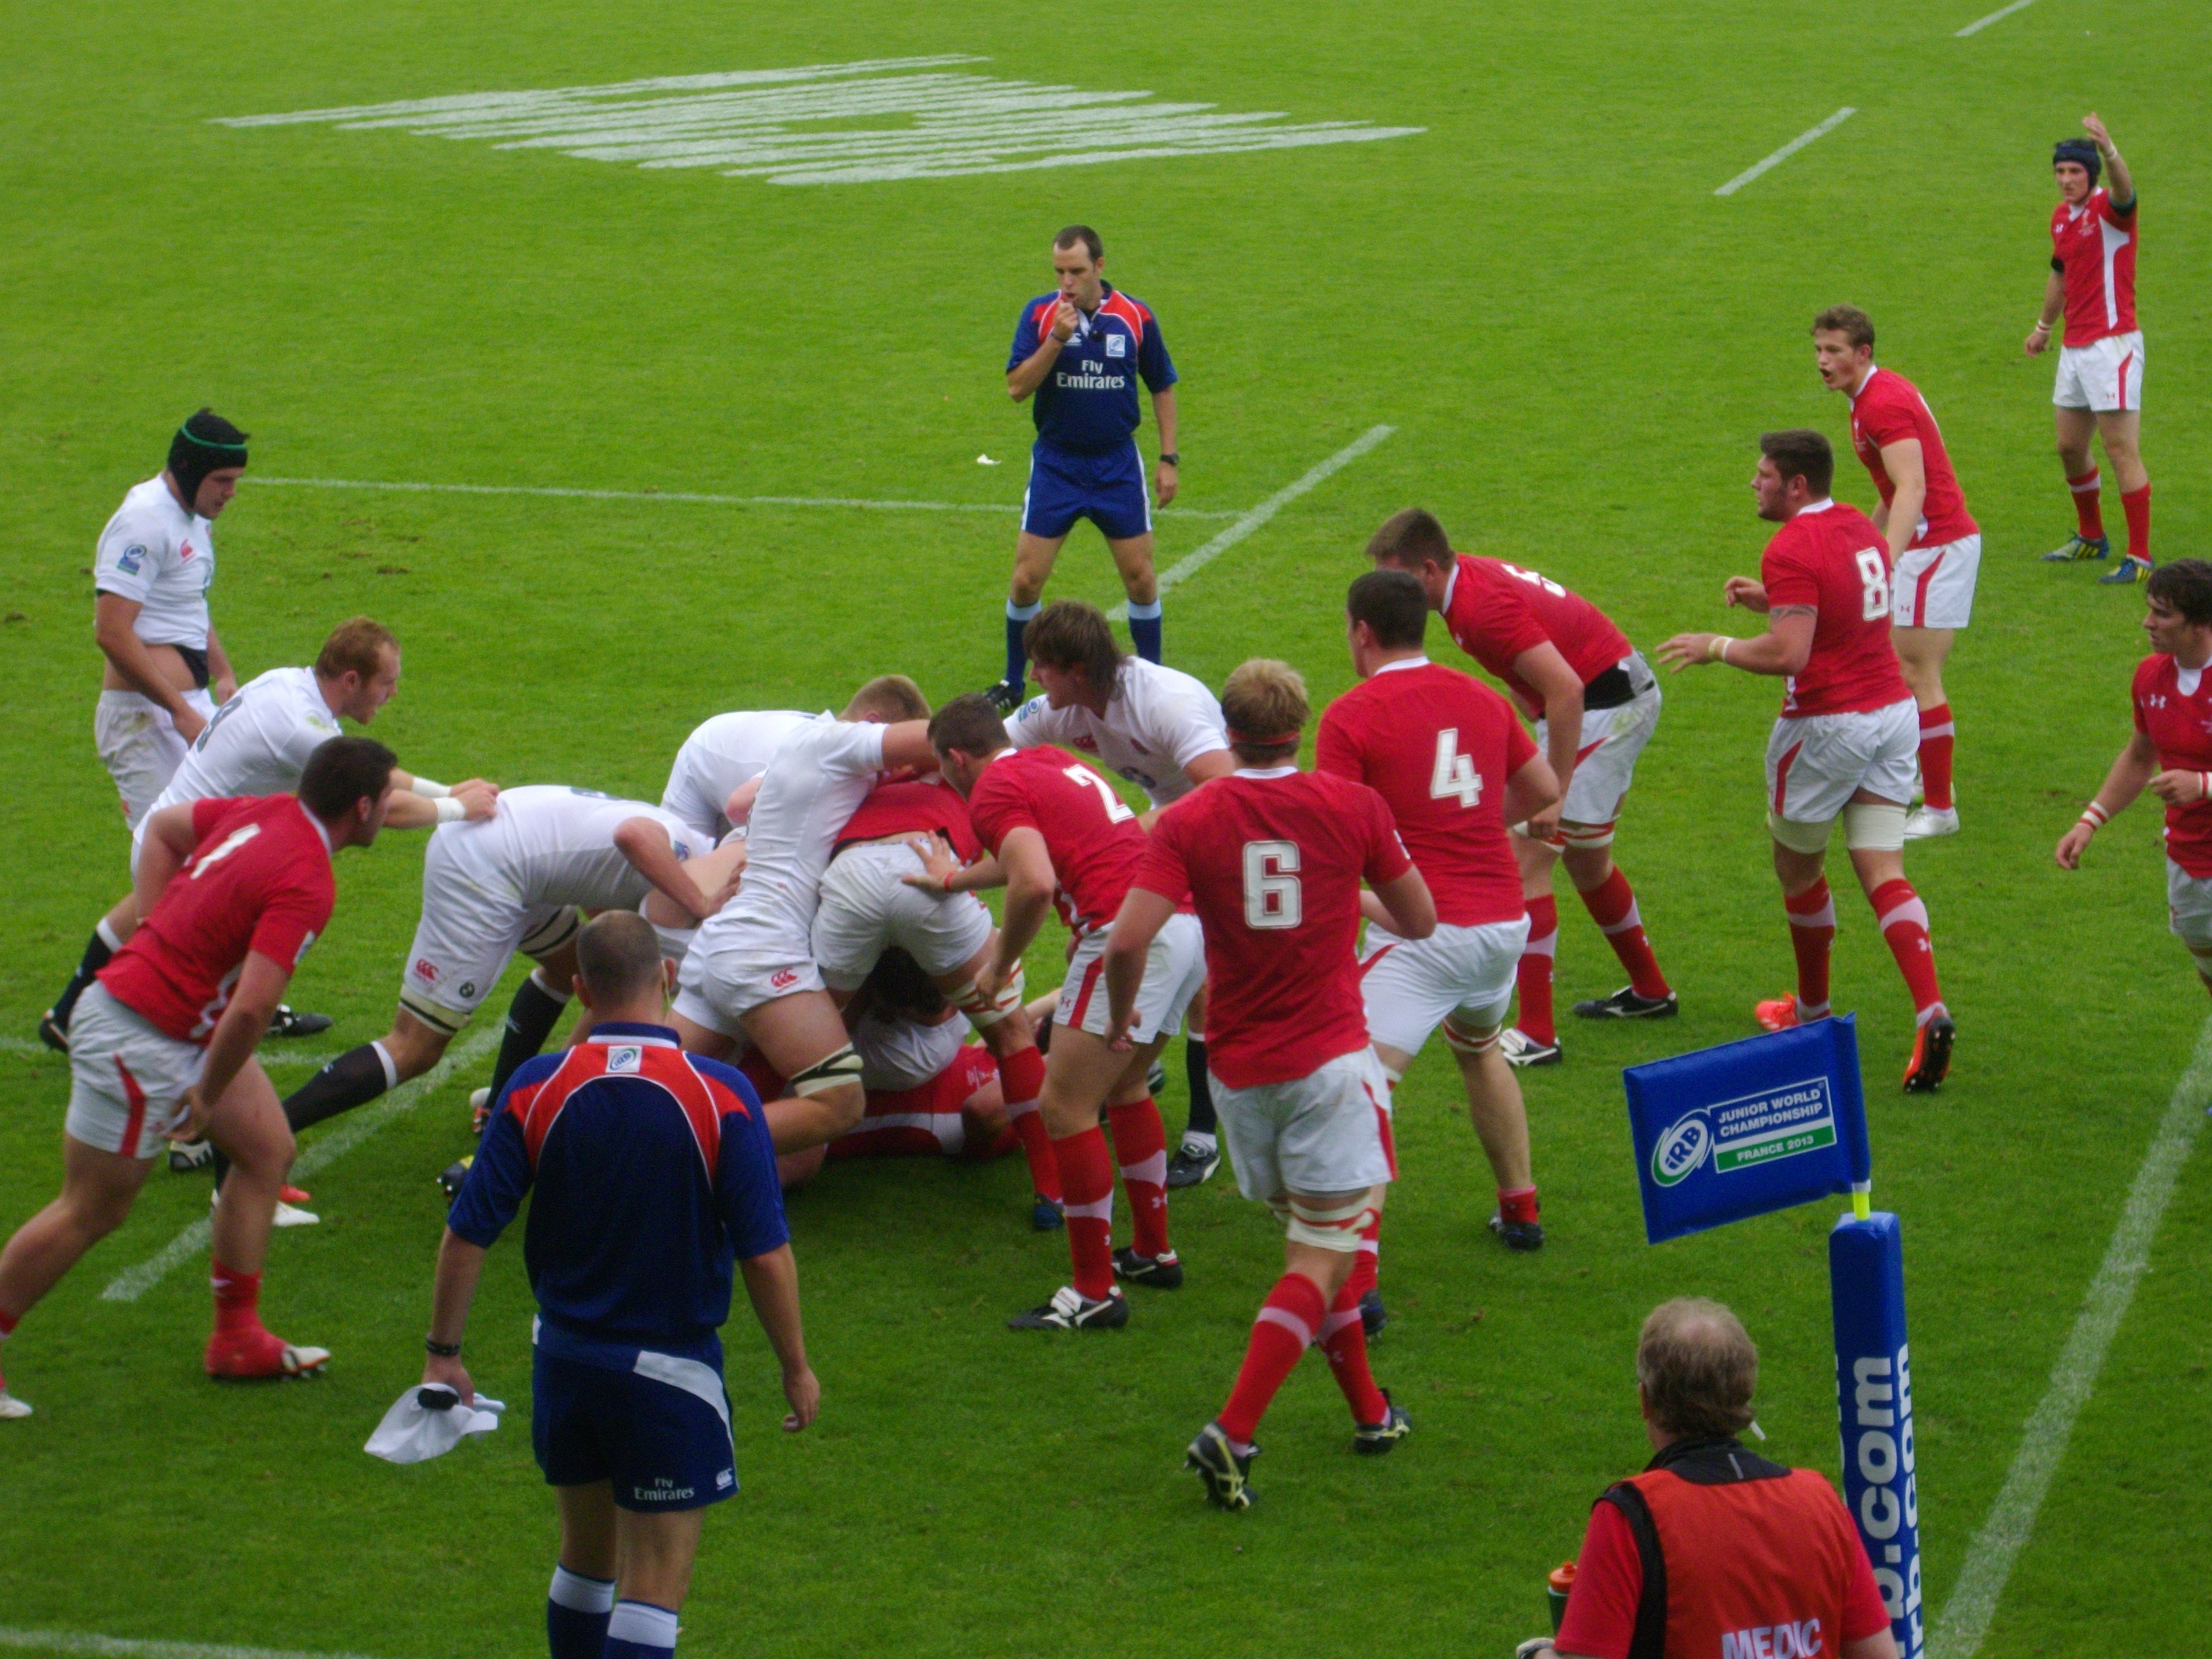 File coupe du monde junior de rugby xv 2013 finale 13 jpg wikimedia commons - Finale coupe du monde rugby ...